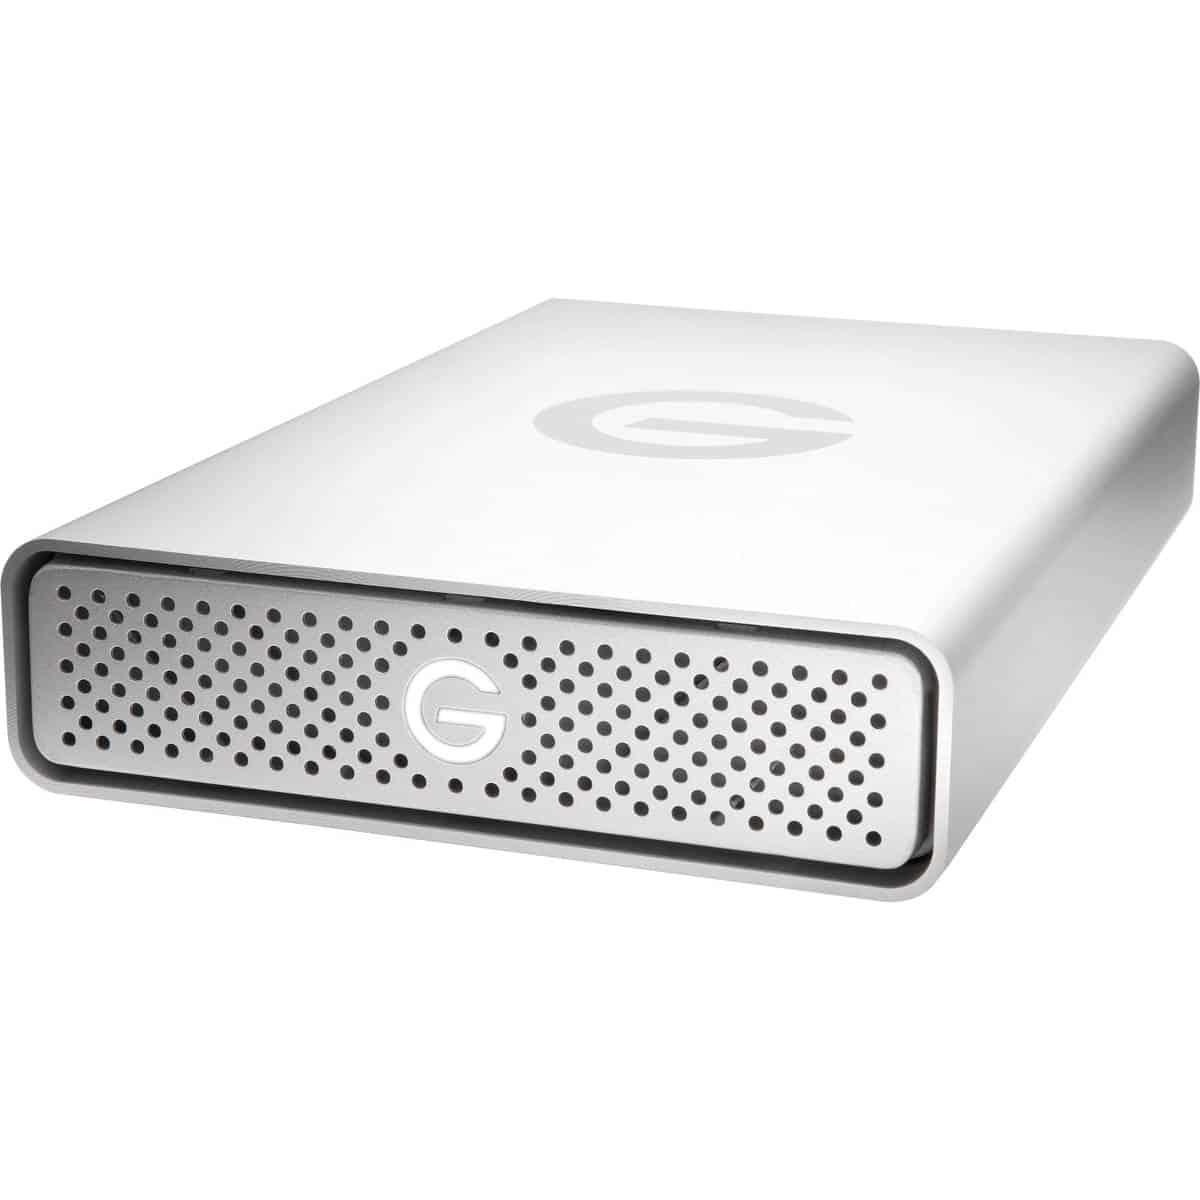 G-Tech G-Drive 4TB USB3.0